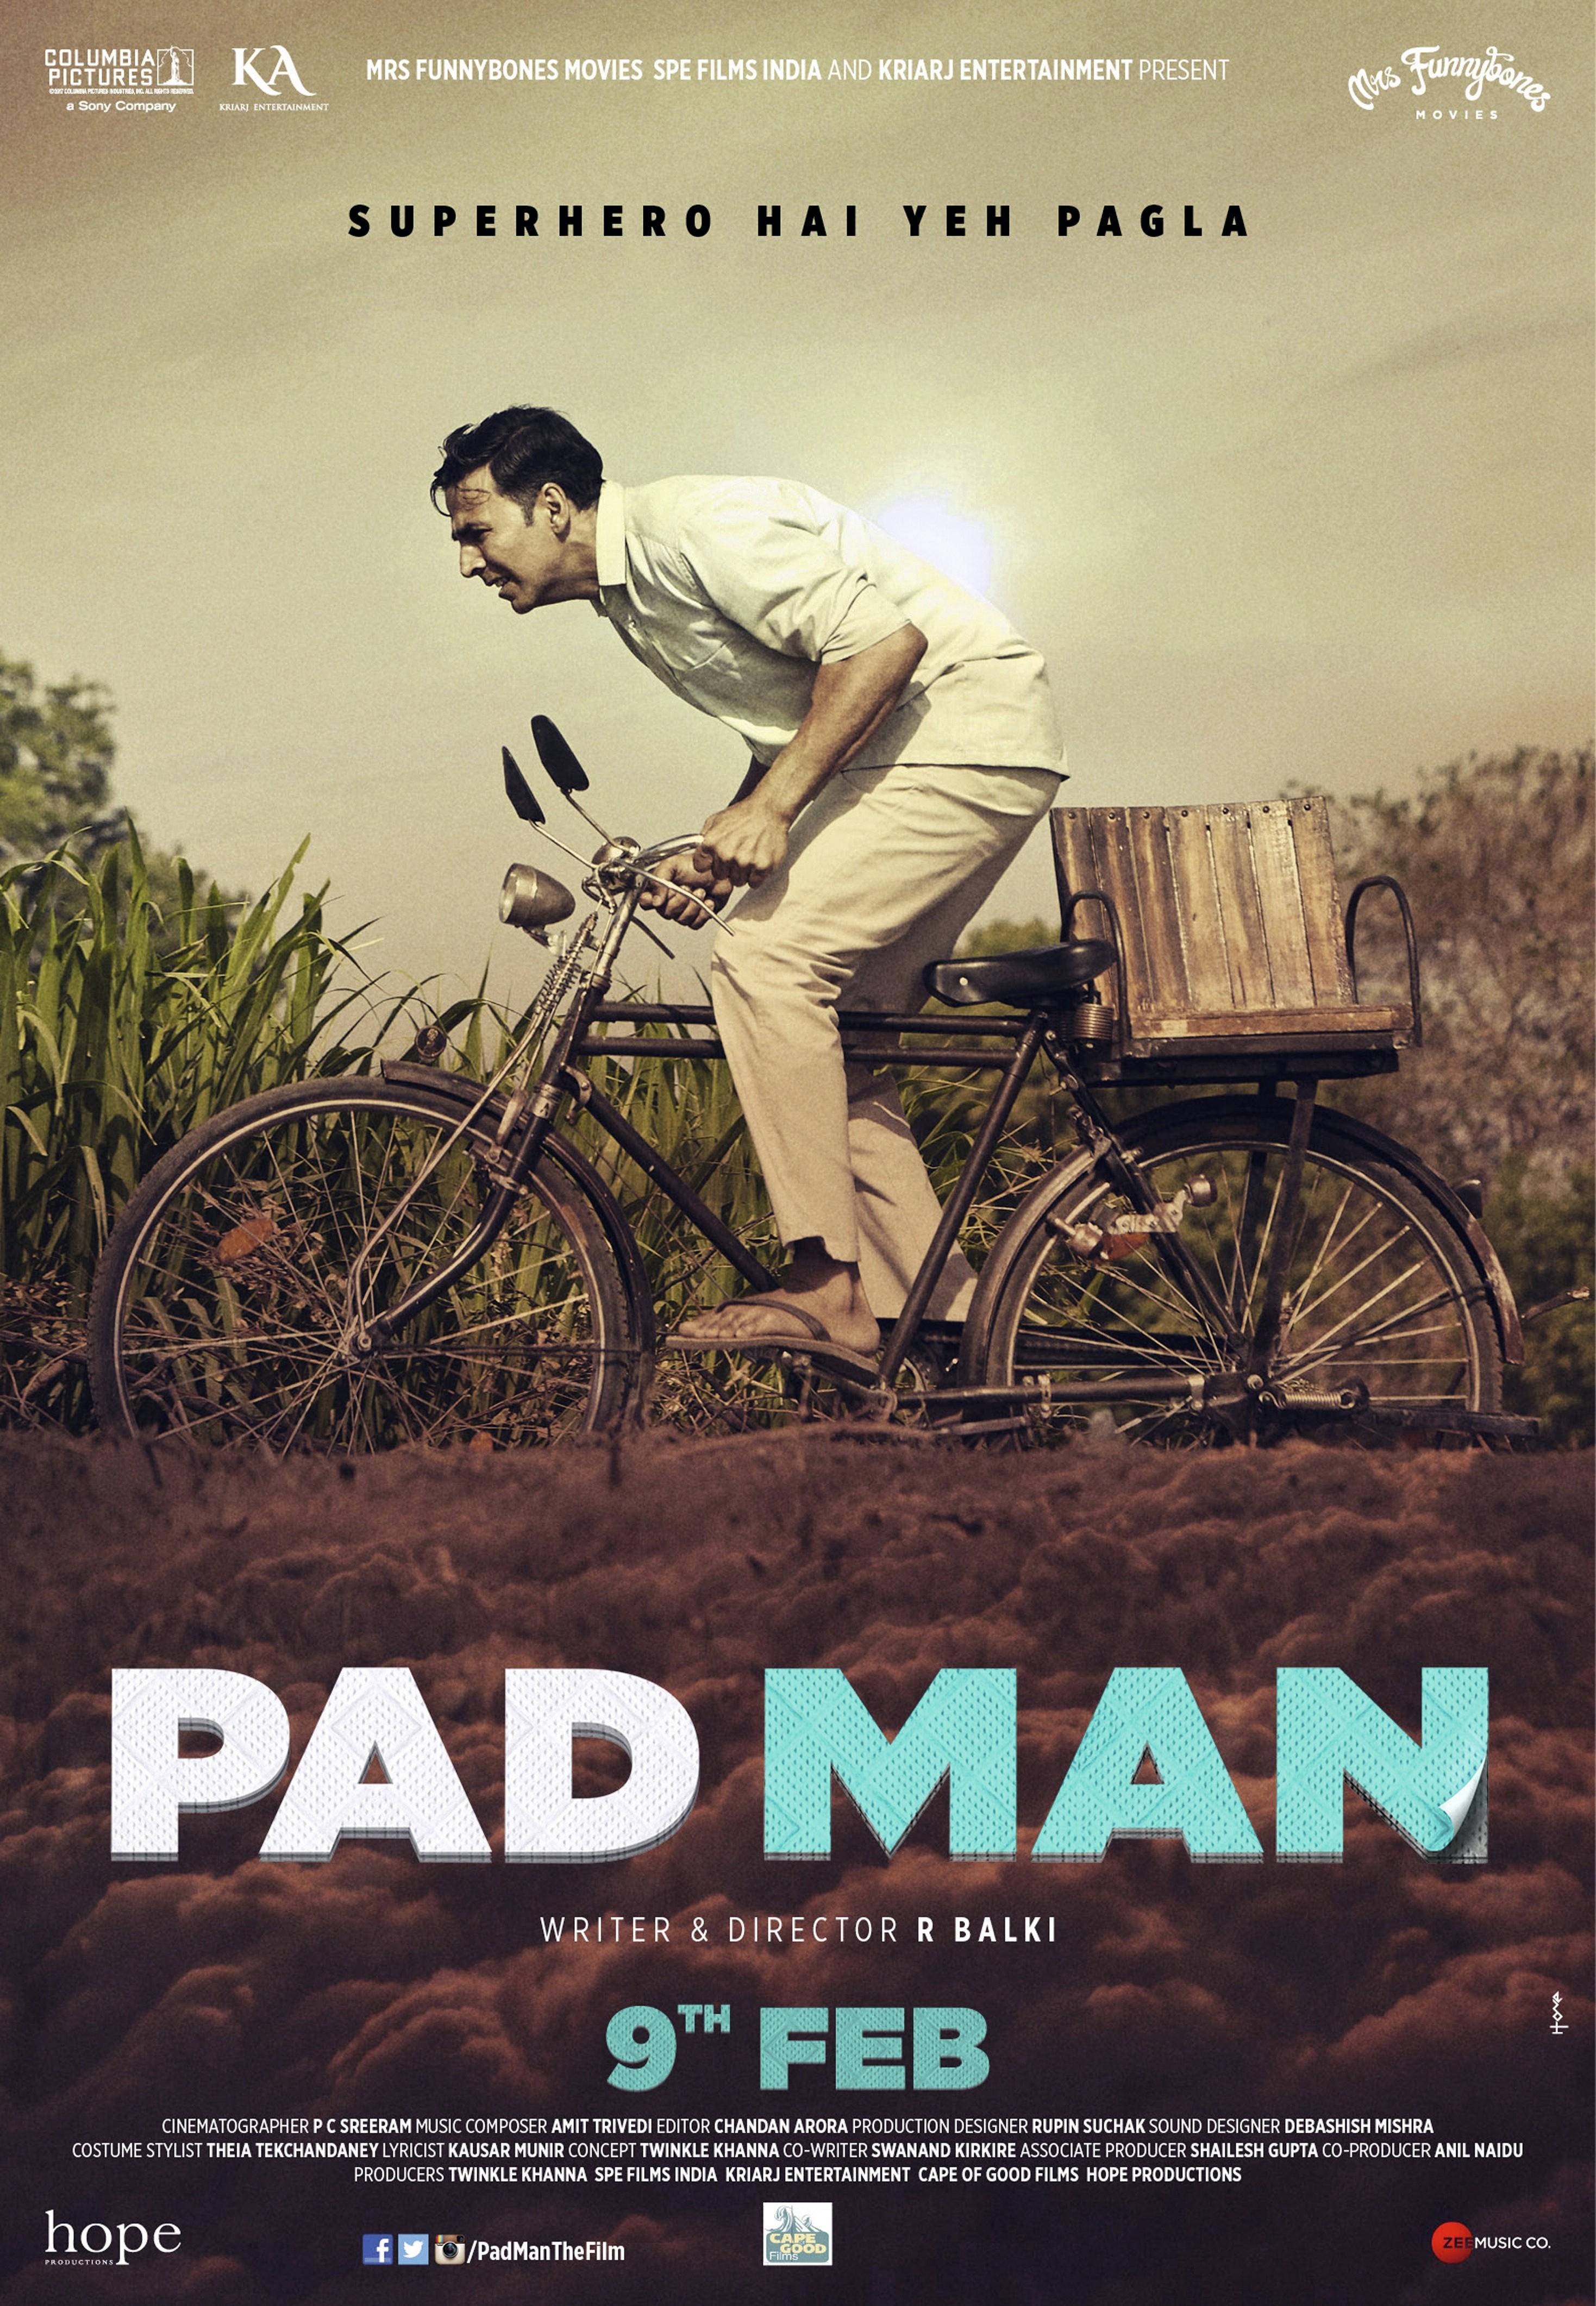 Padman, by R. Balki, 2017